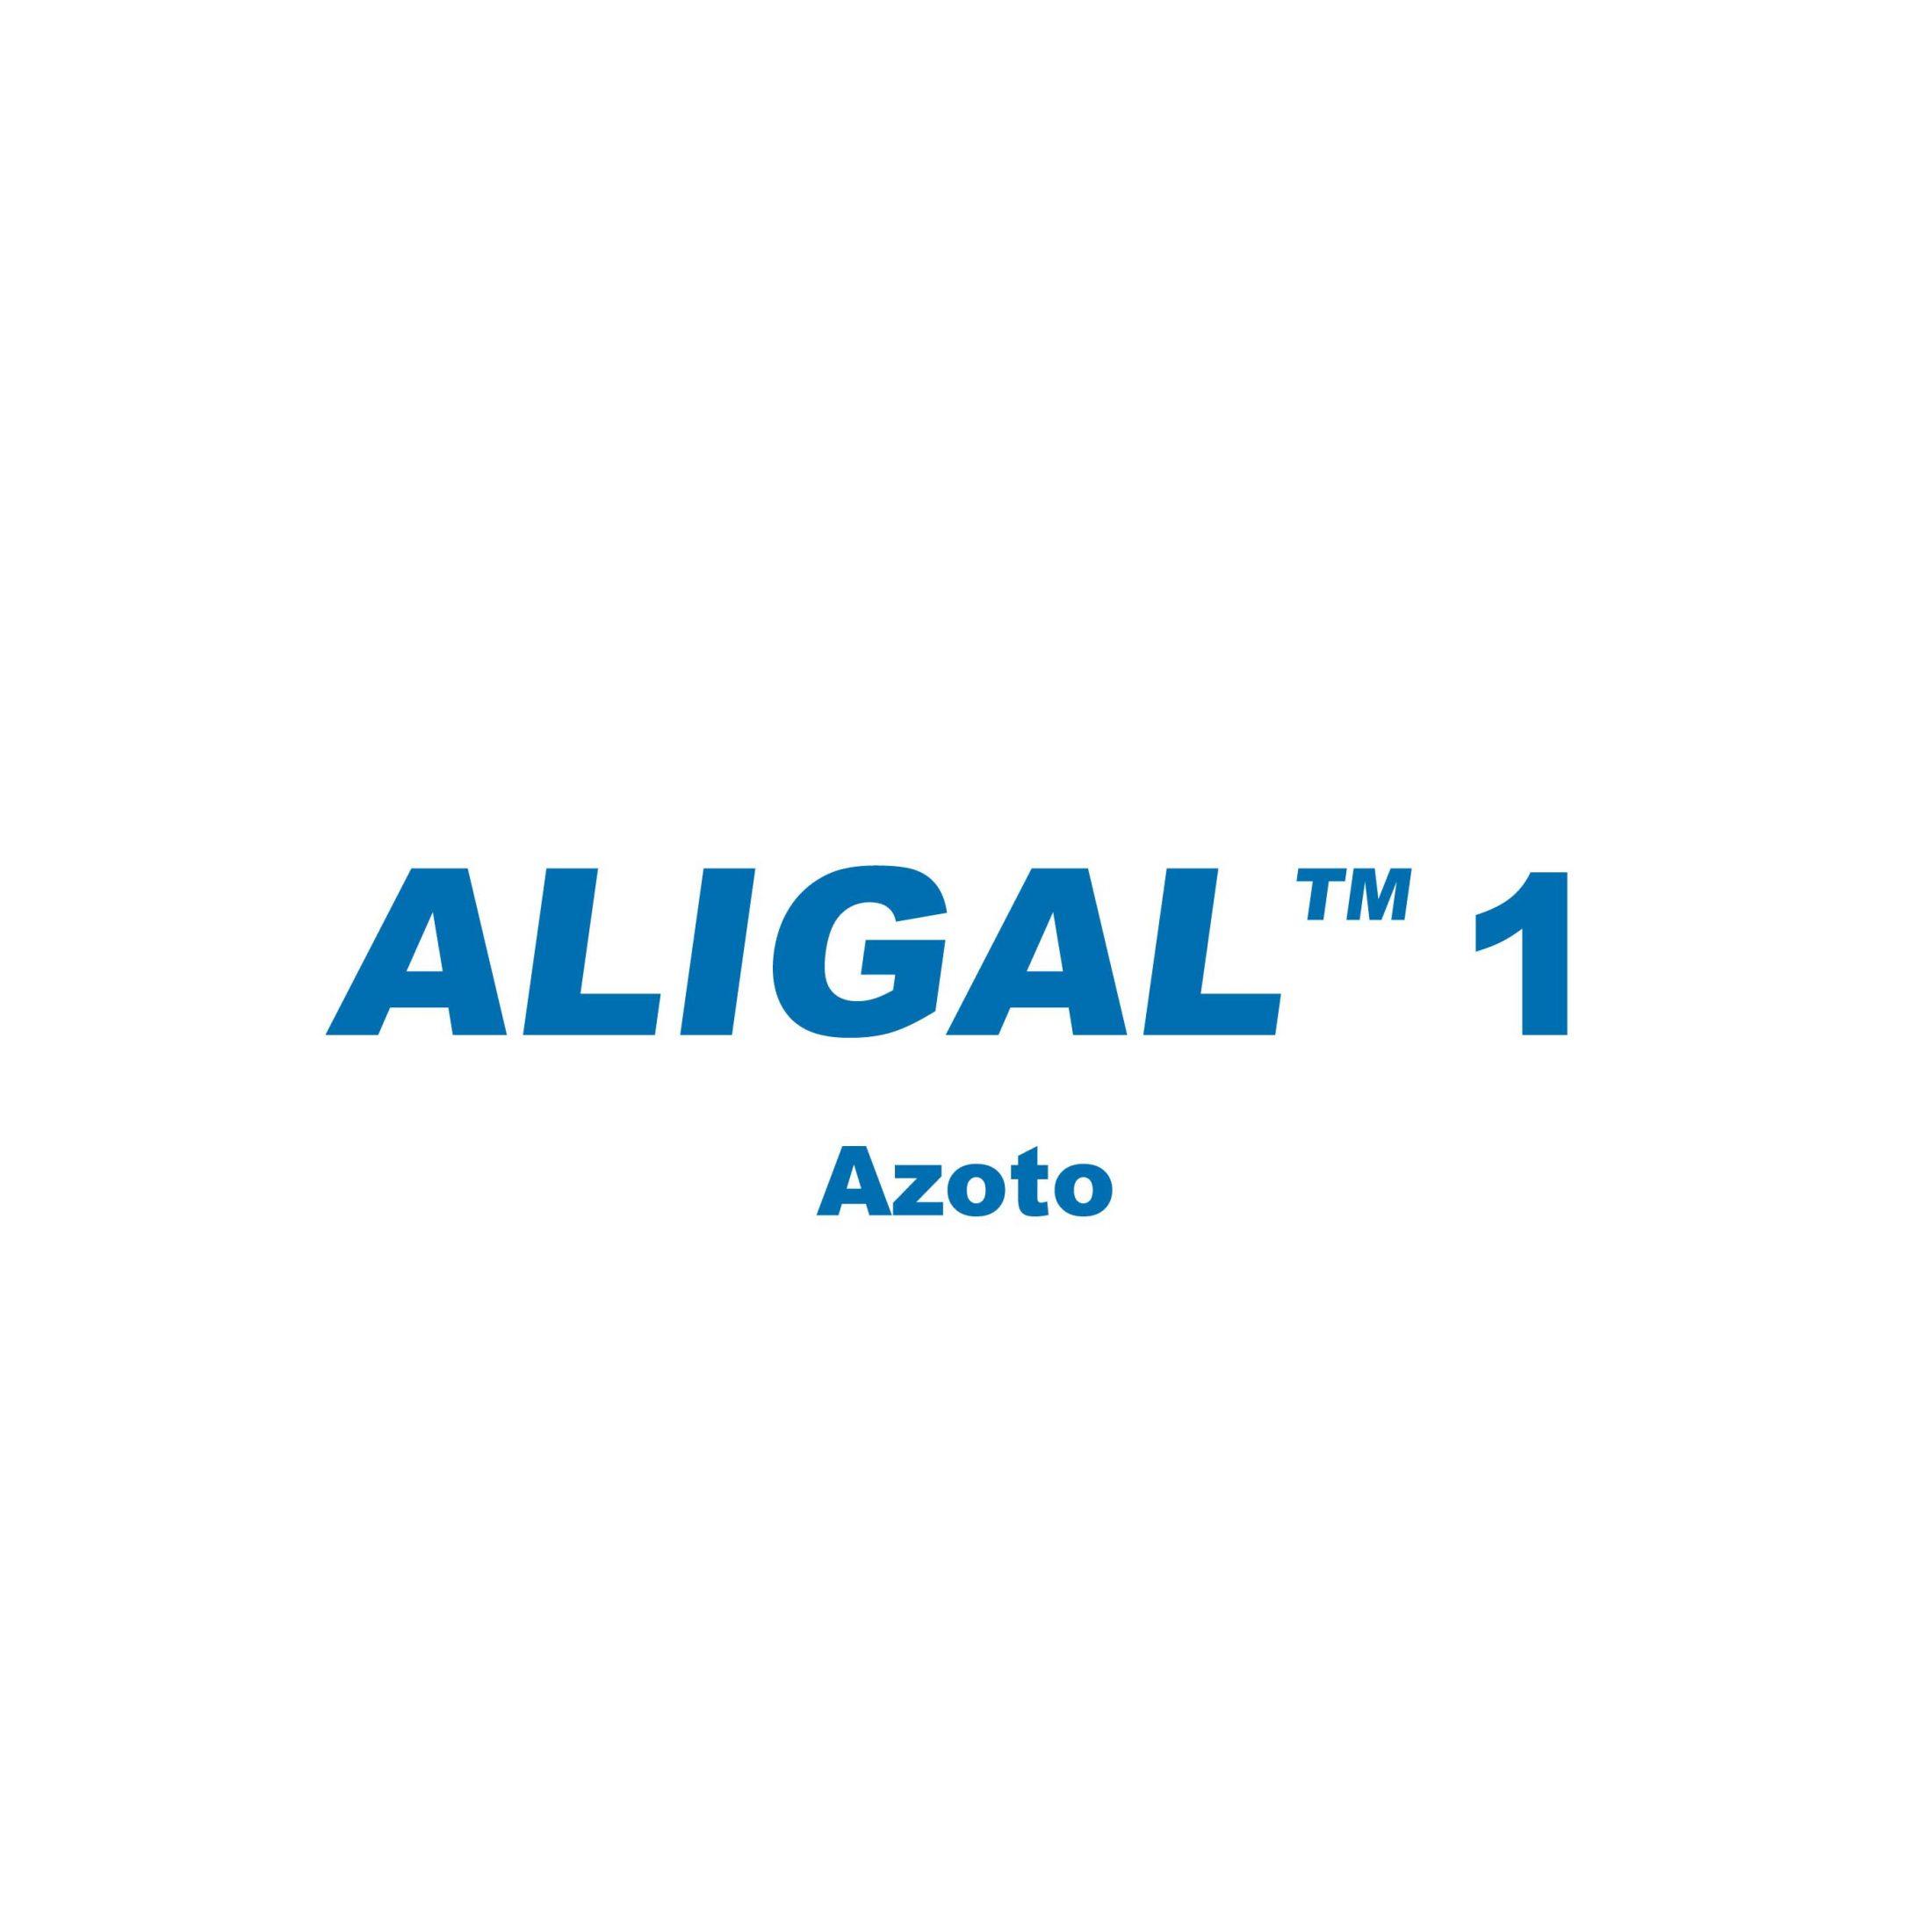 aligal-1-logo